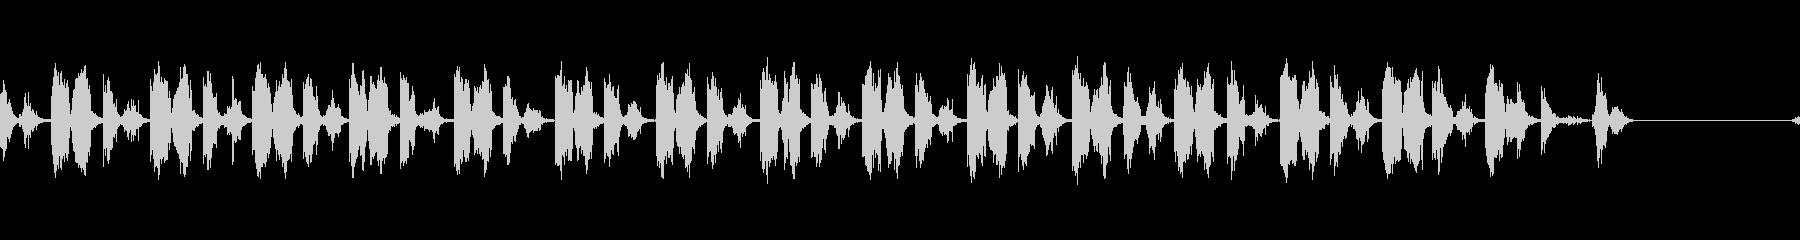 シャープネスナイフリズムの未再生の波形